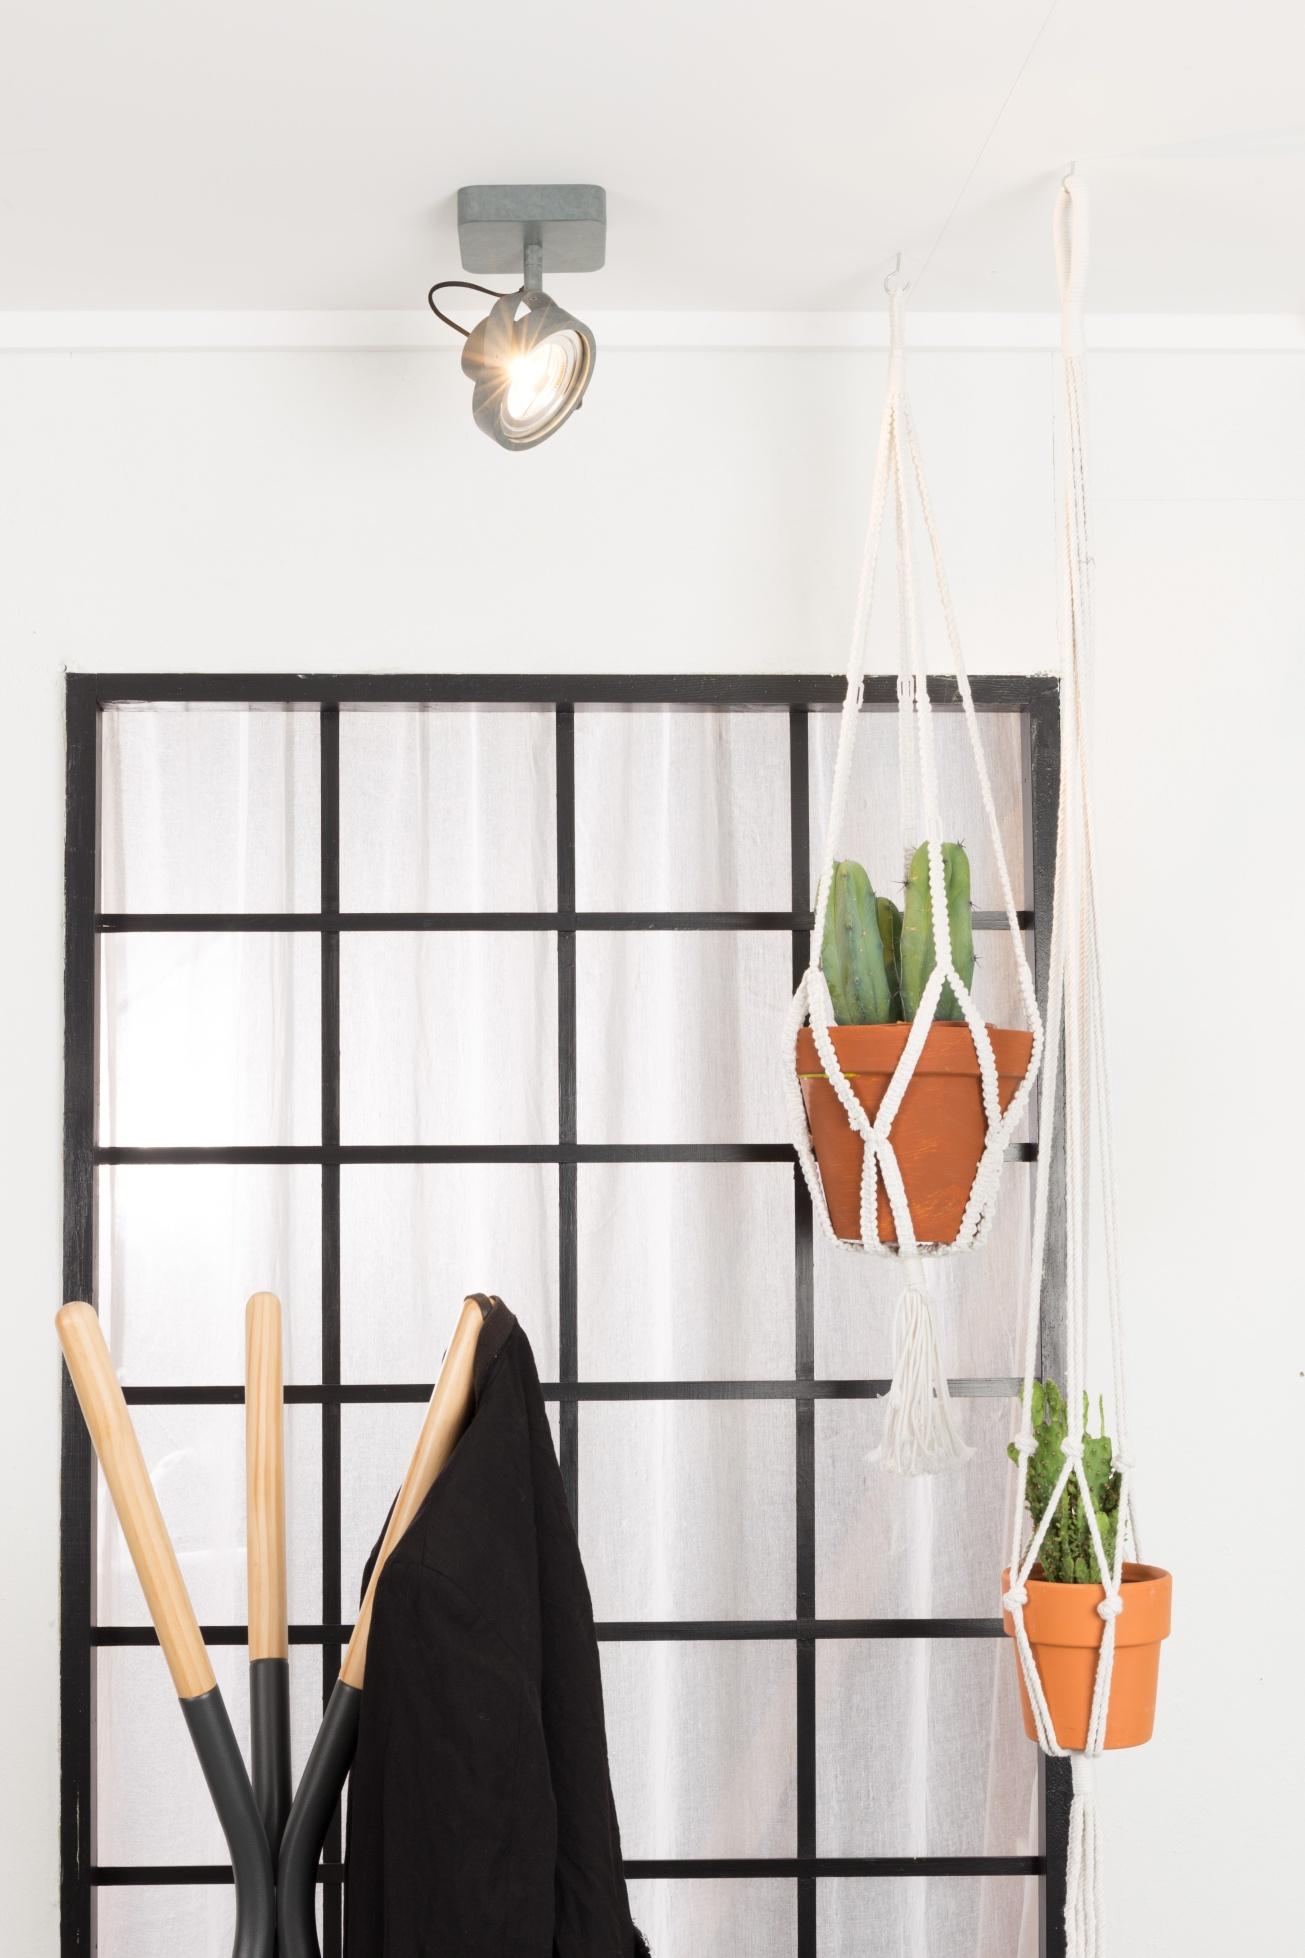 Zuiver Plafondspot Dice-1 - LED Dimbaar - Gegalvaniseerd Grijs